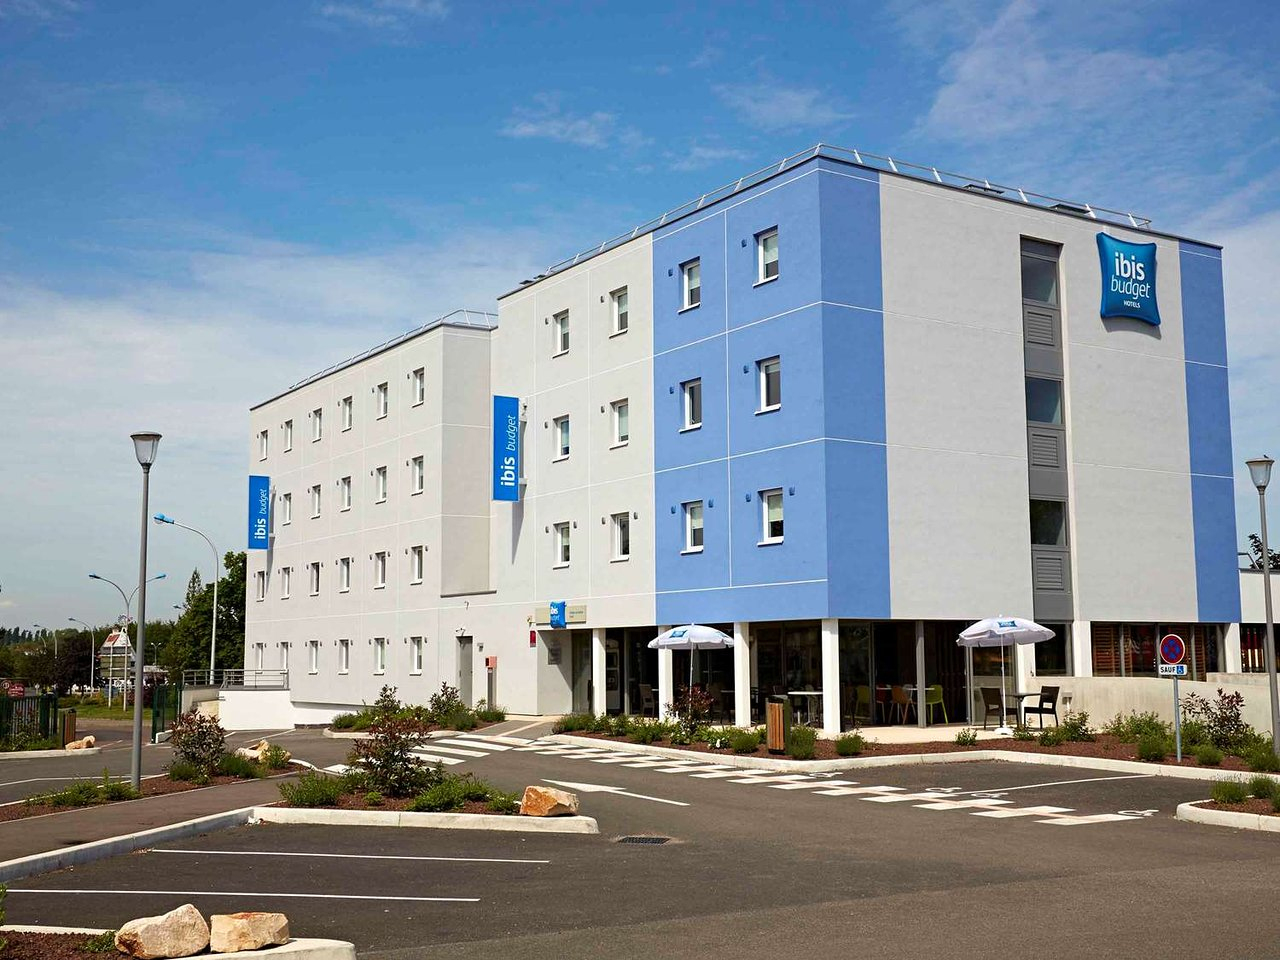 Les 5 Meilleures Chambres D'hôtes À Chalon-Sur-Saône En 2020 ... encequiconcerne Piscine De Chalon Sur Saone